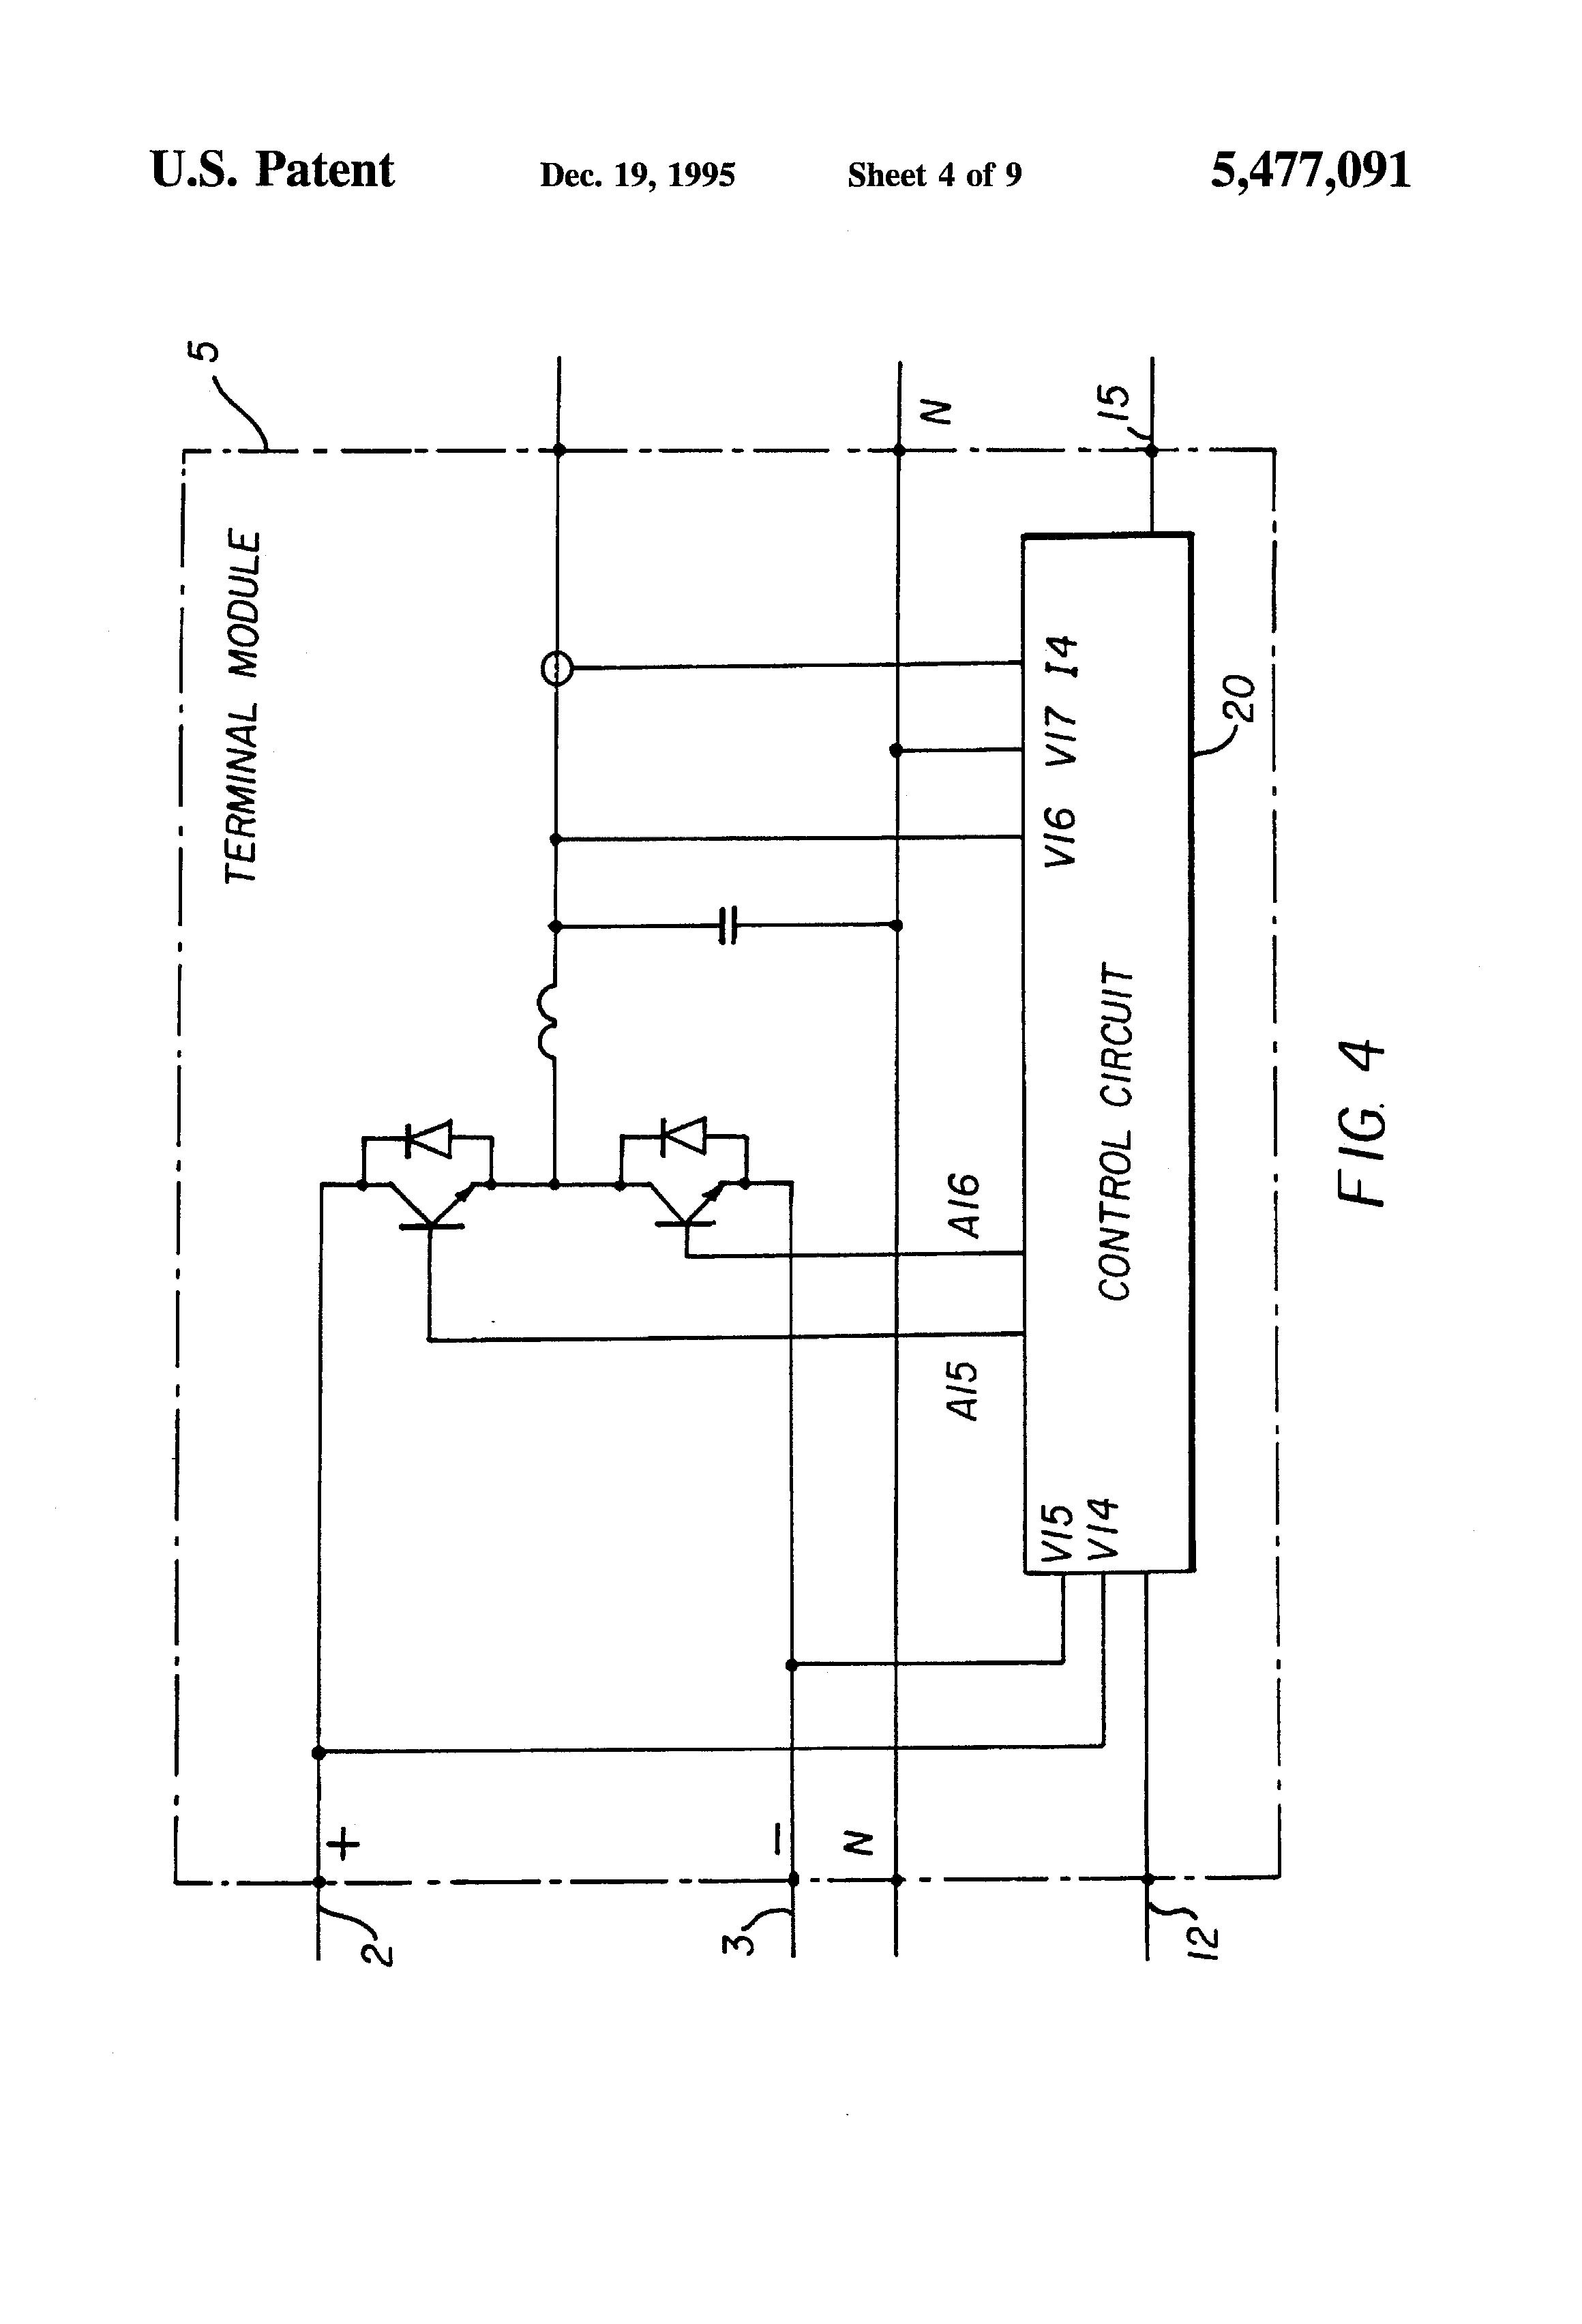 US5477091 4 abb a9 30 10 wiring diagram abb ach550 wiring diagram \u2022 indy500 co abb a16-30-10 wiring diagram at mifinder.co